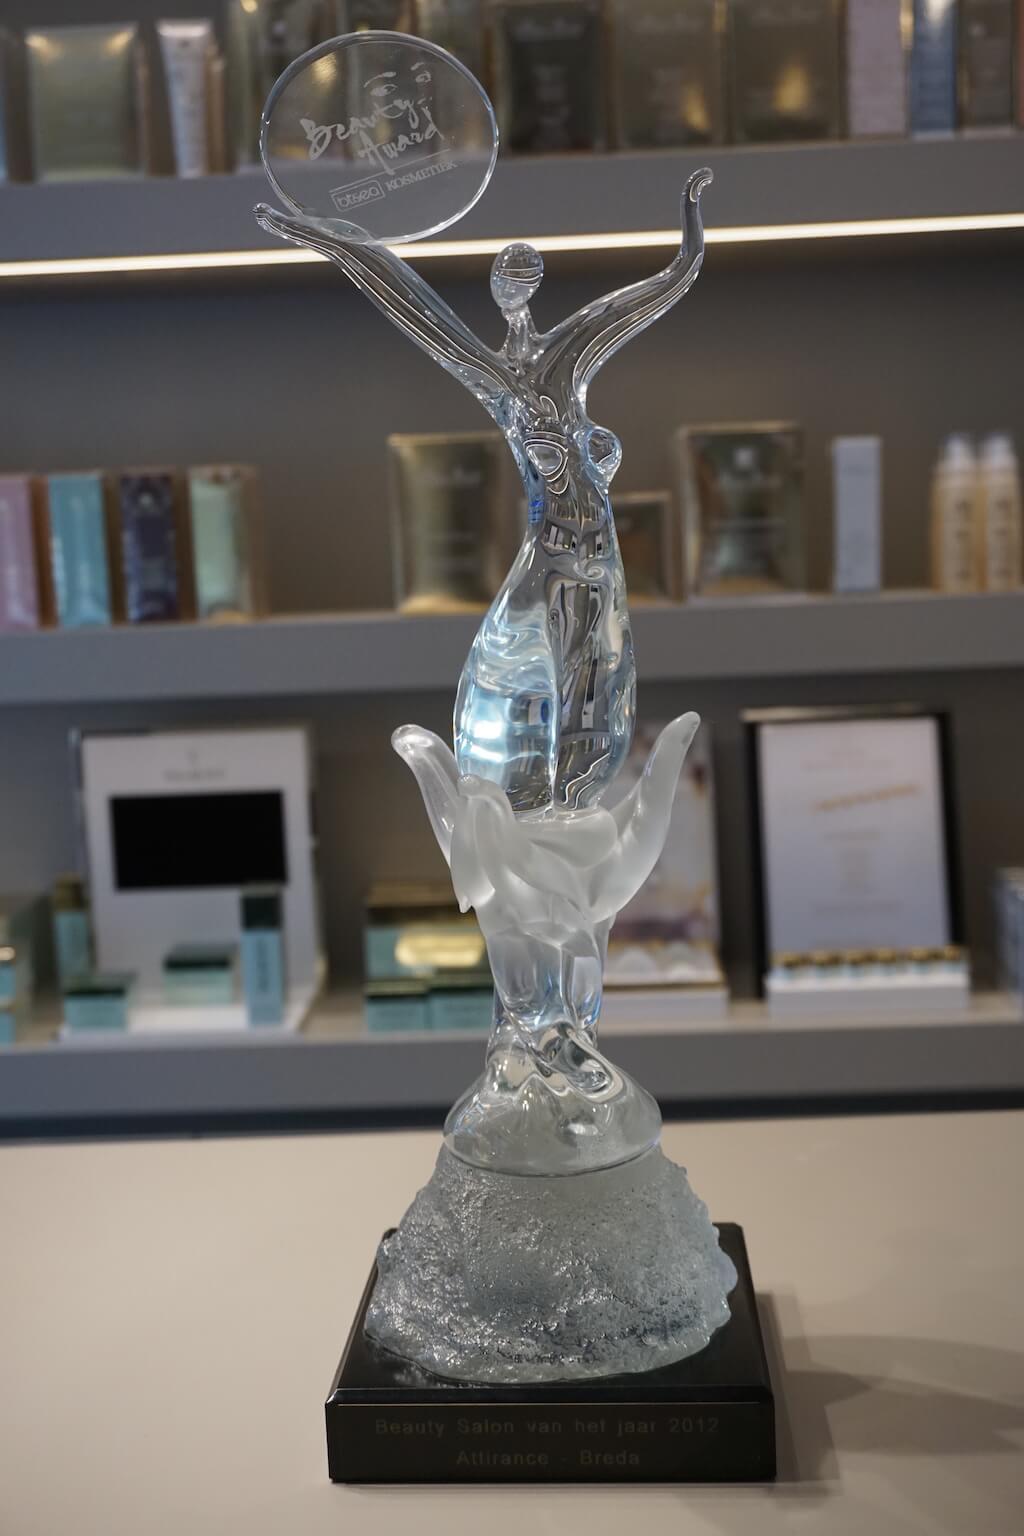 Beauty Award Attirance